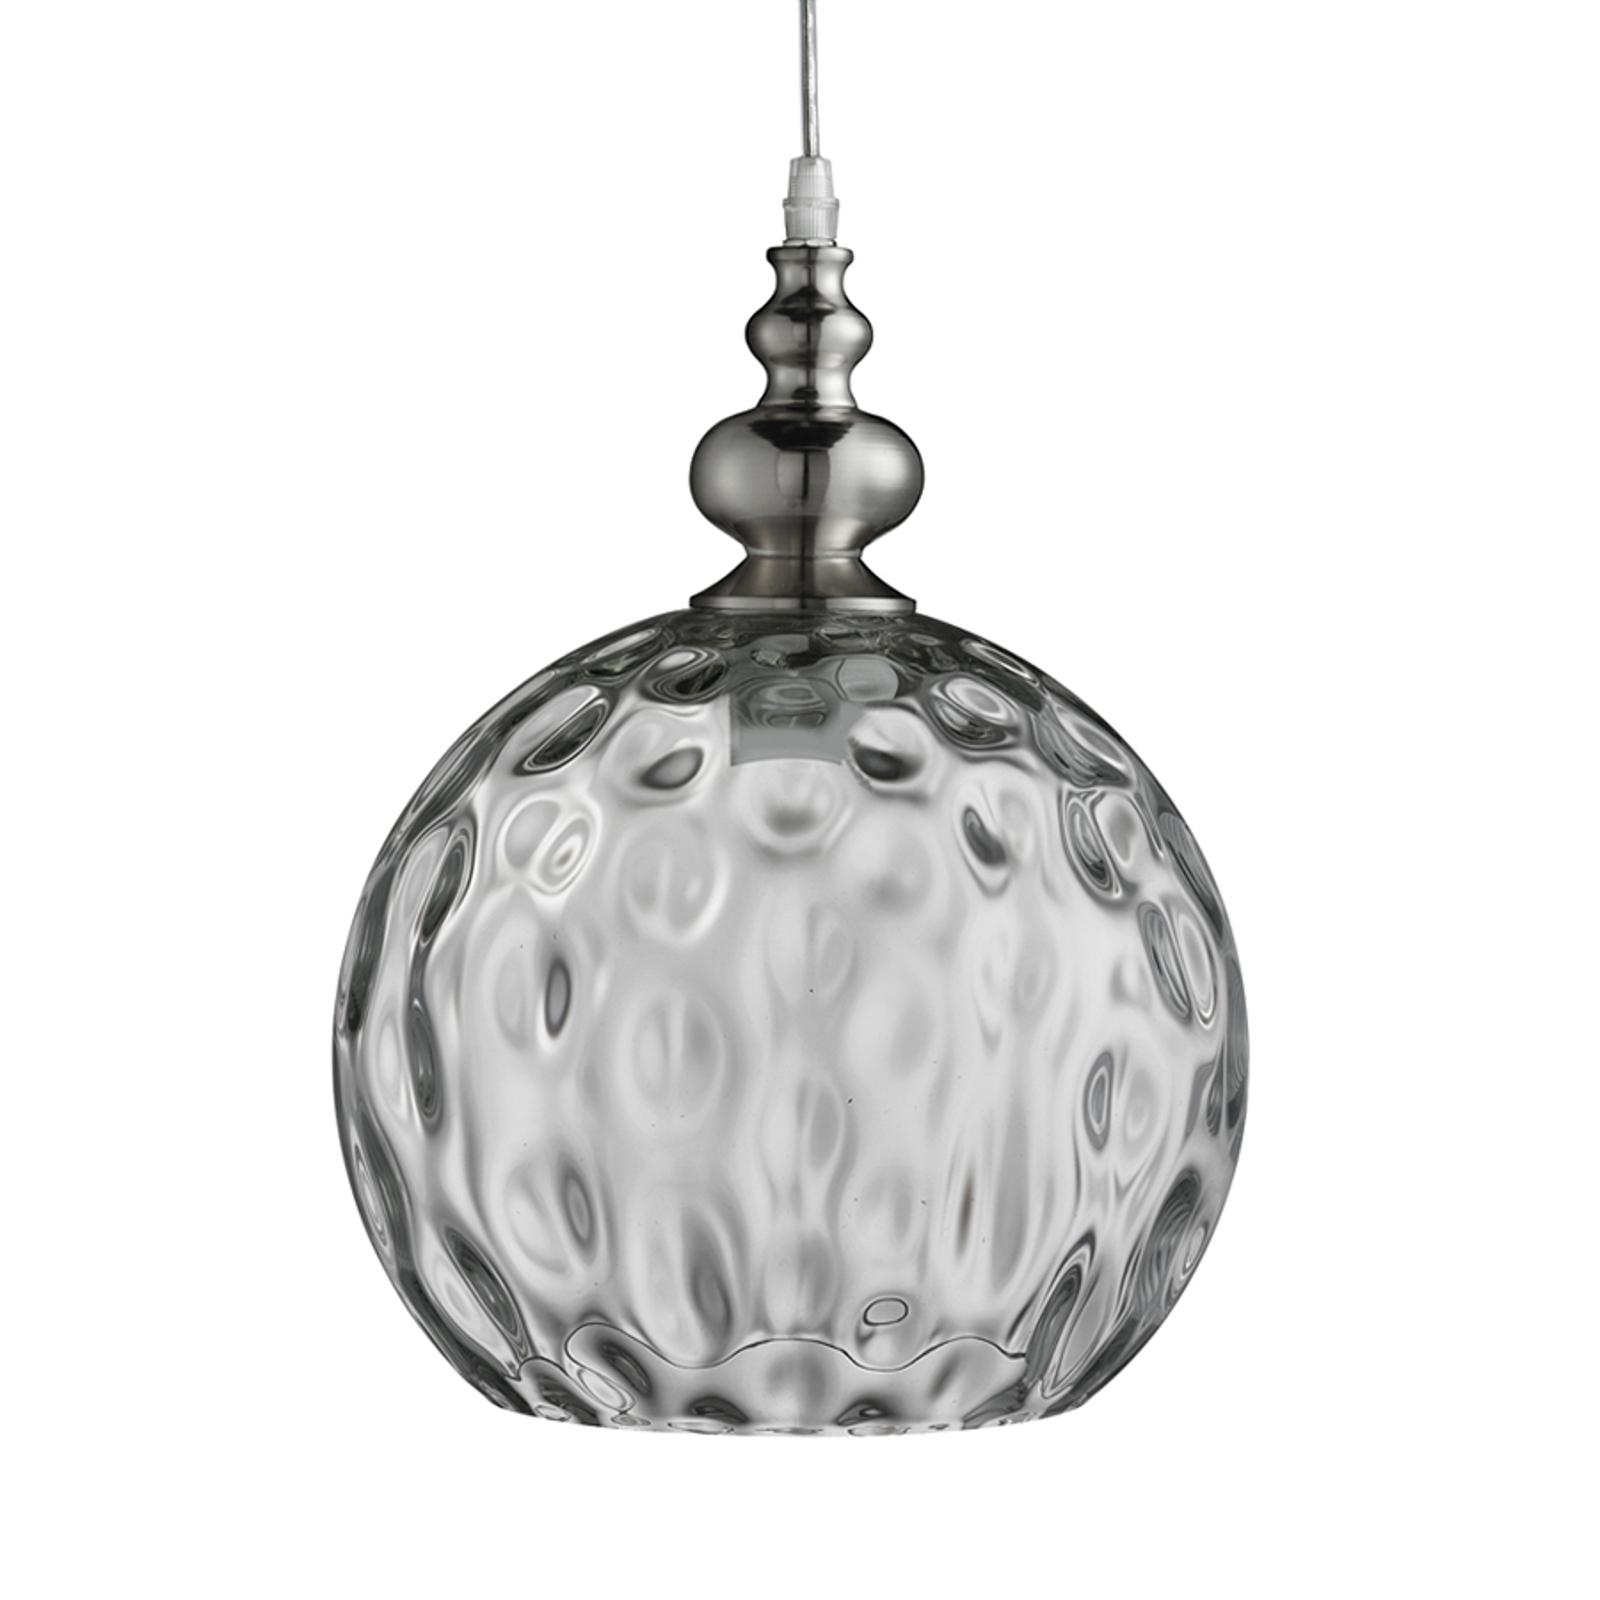 Srebrna lampa wisząca Indiana w antycznym stylu